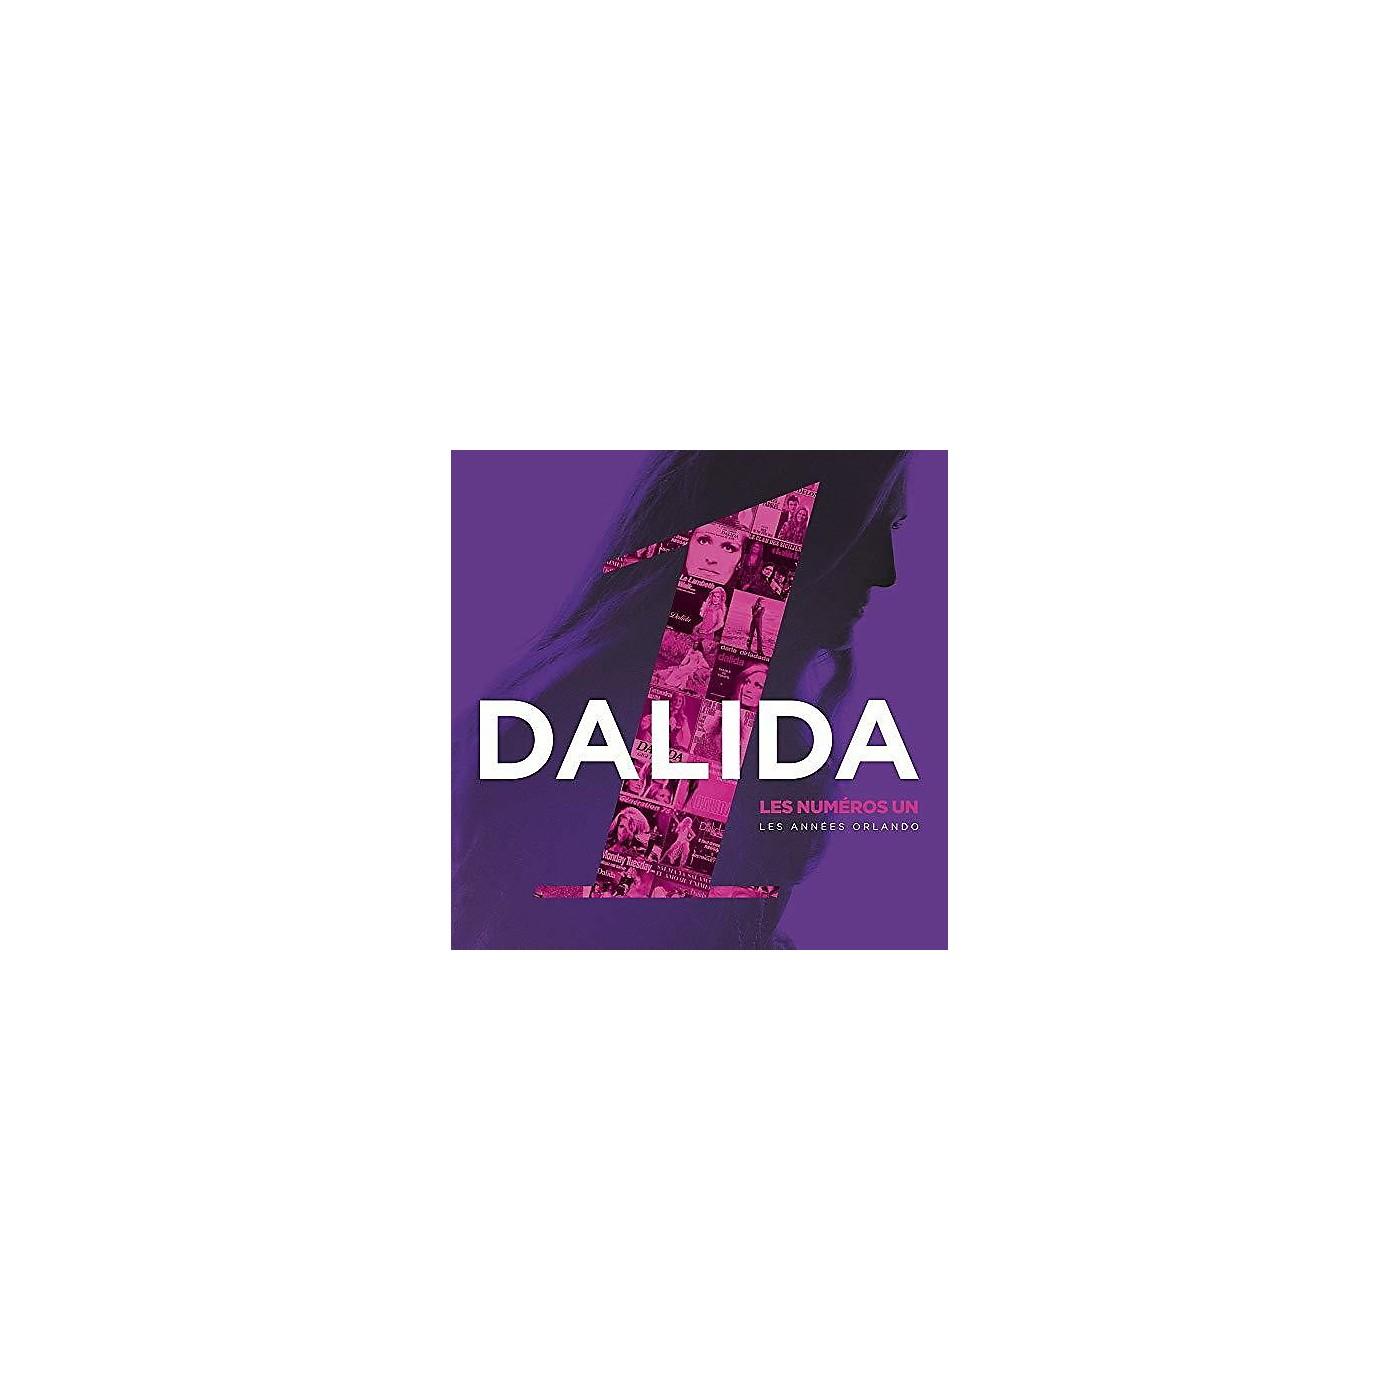 Alliance Dalida - Les Numeros Un: Les Annees Orlando thumbnail